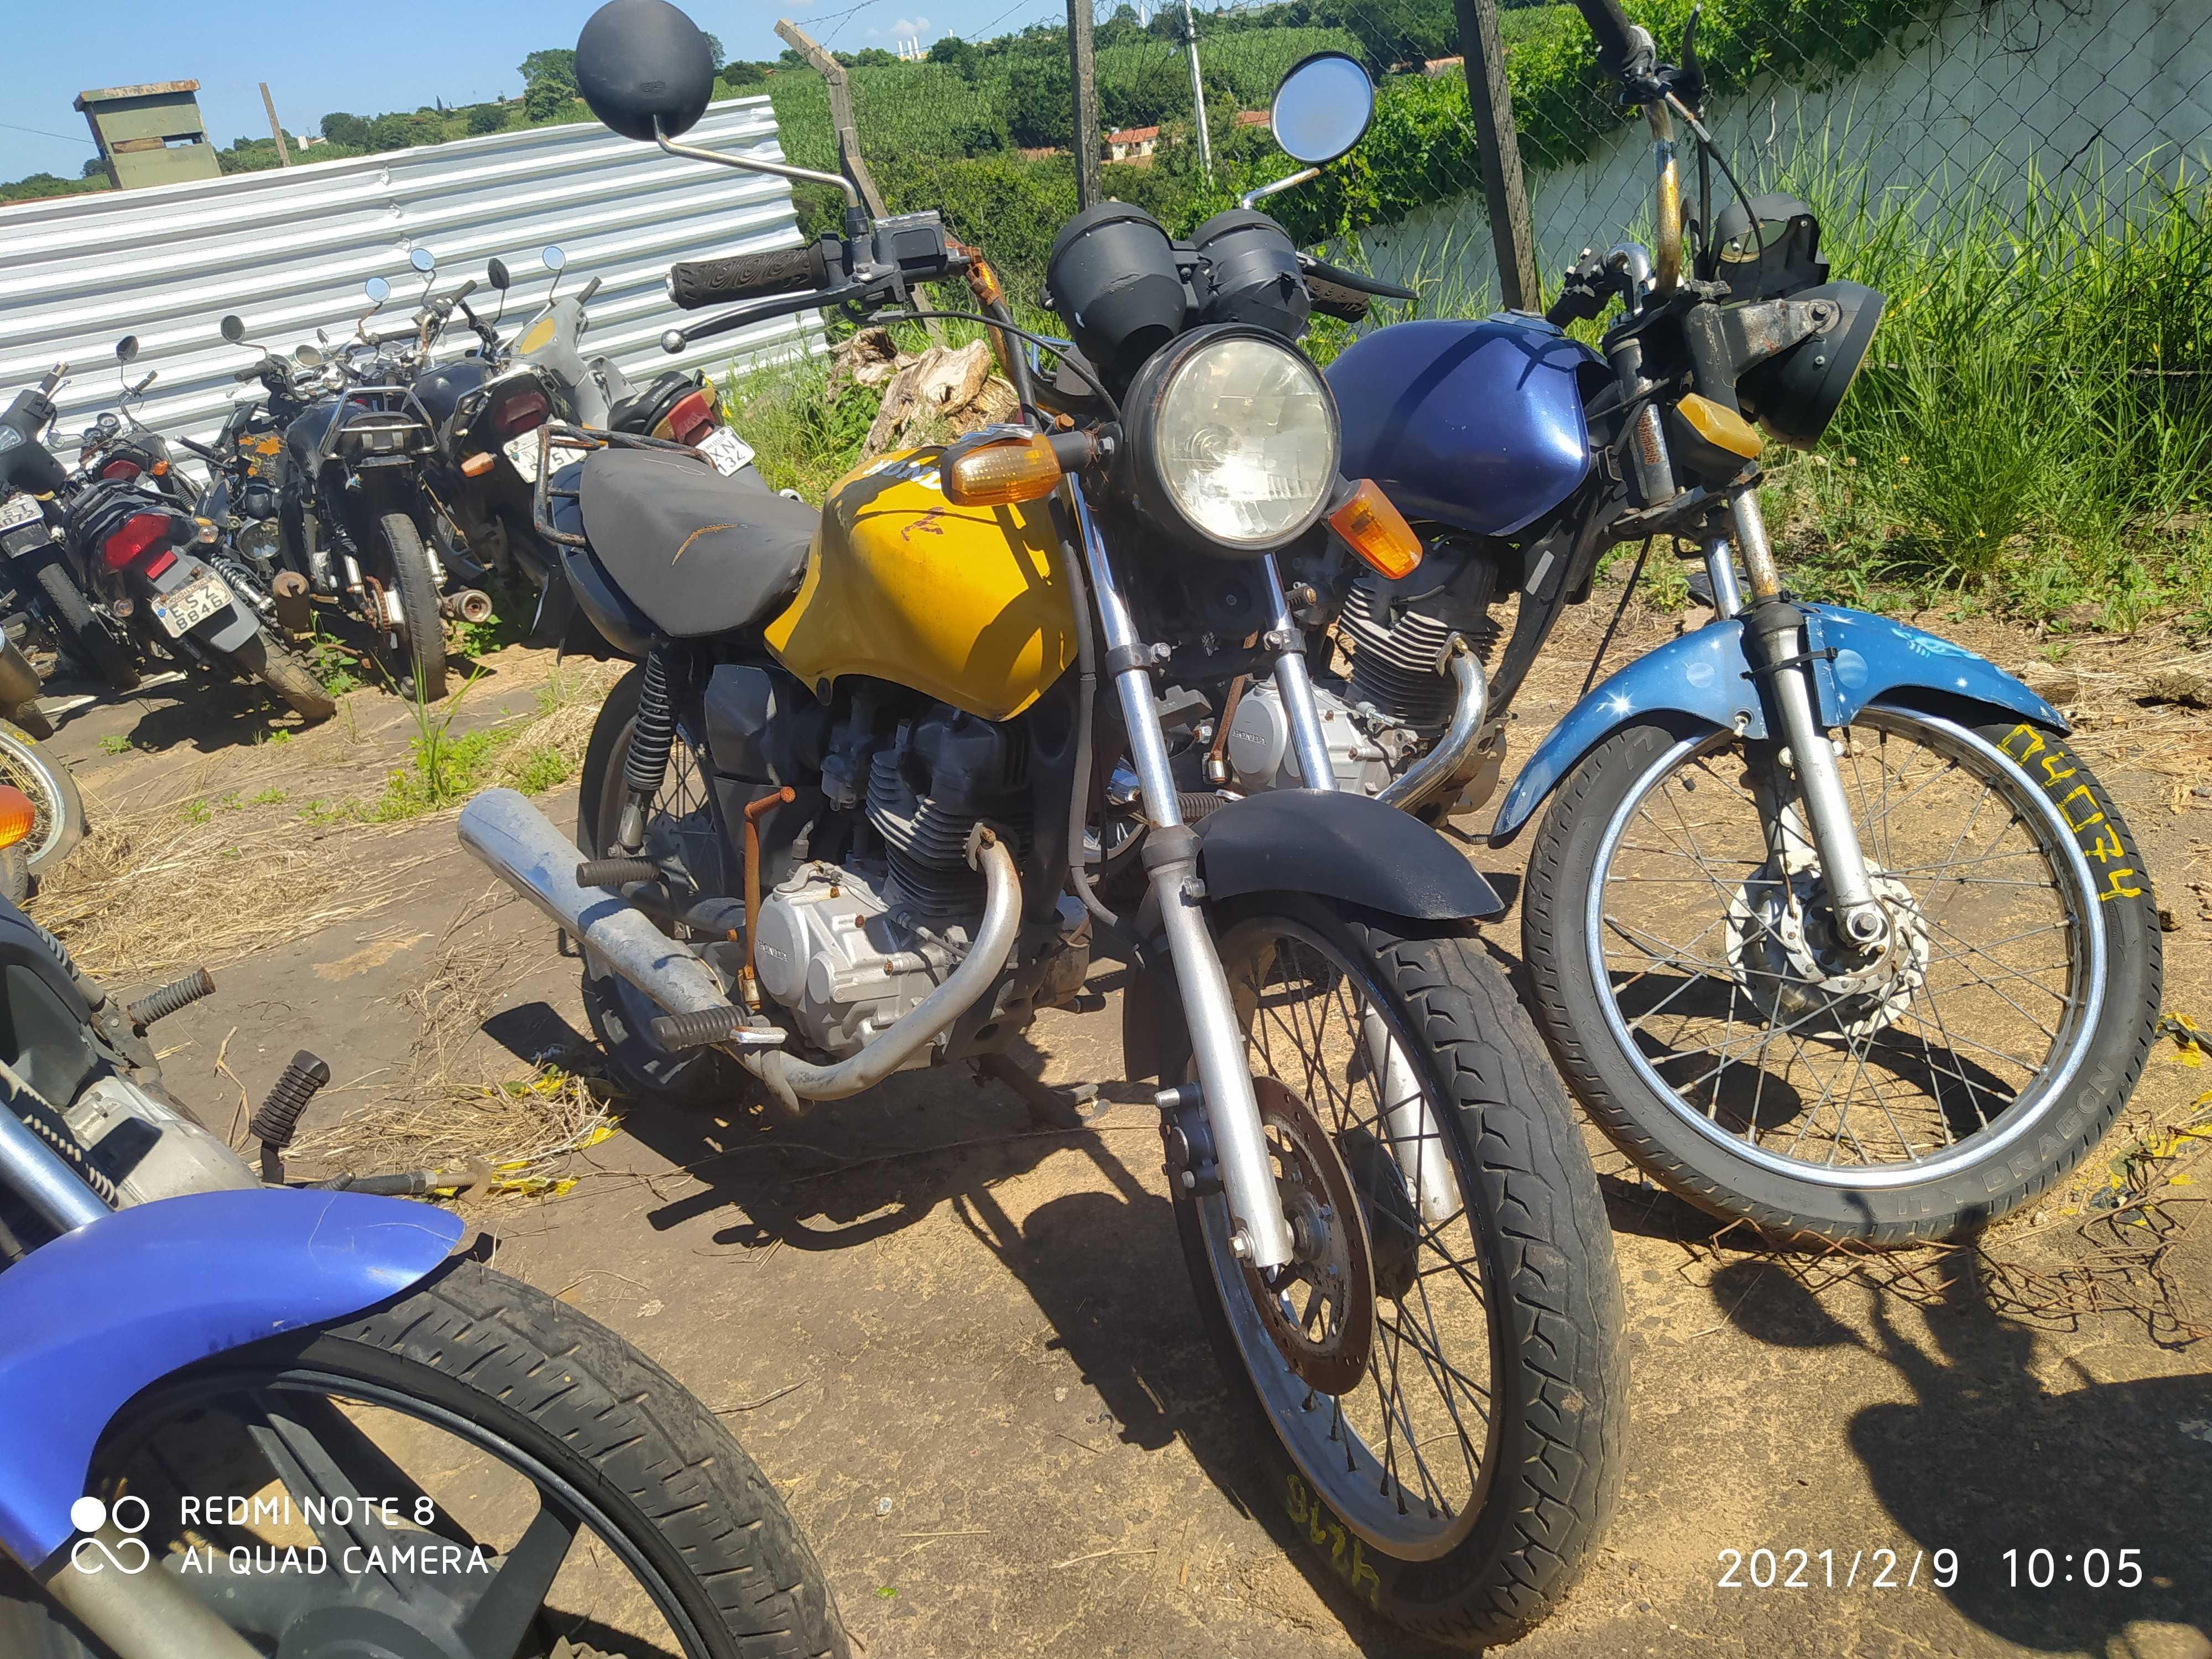 HONDA/CG 125 CARGO - 2002/2002 - PRENSA